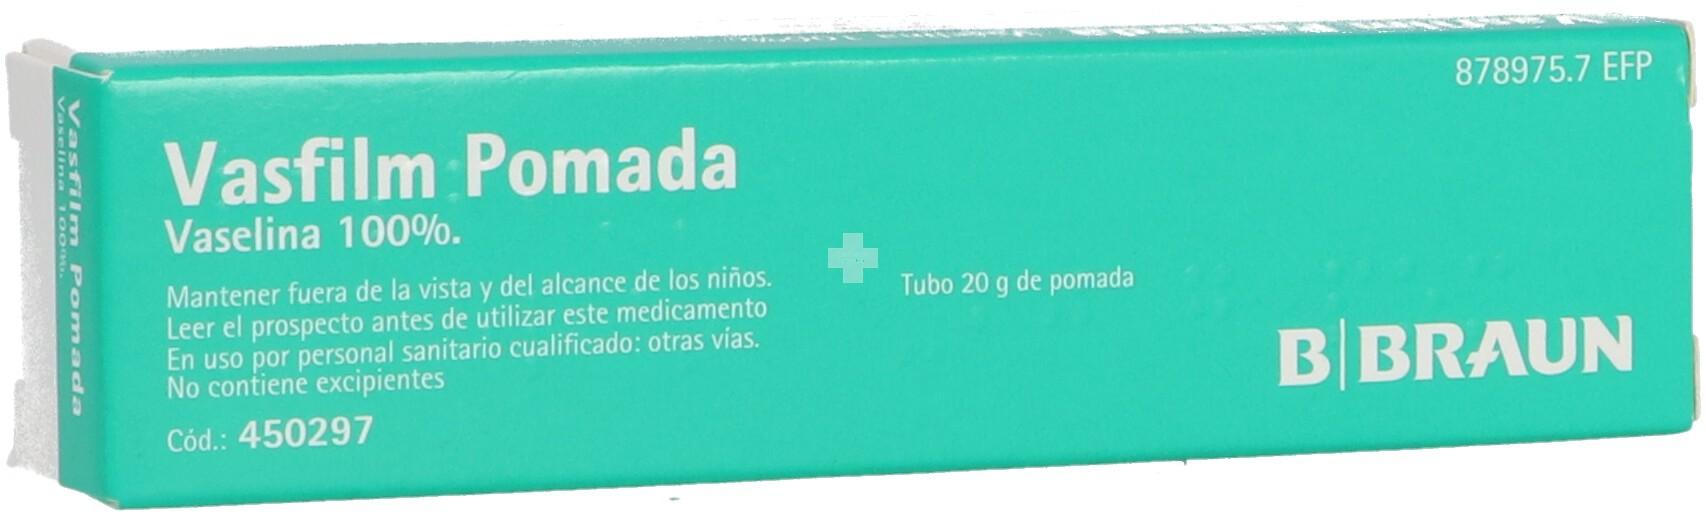 Vasfilm Pomada 20 g